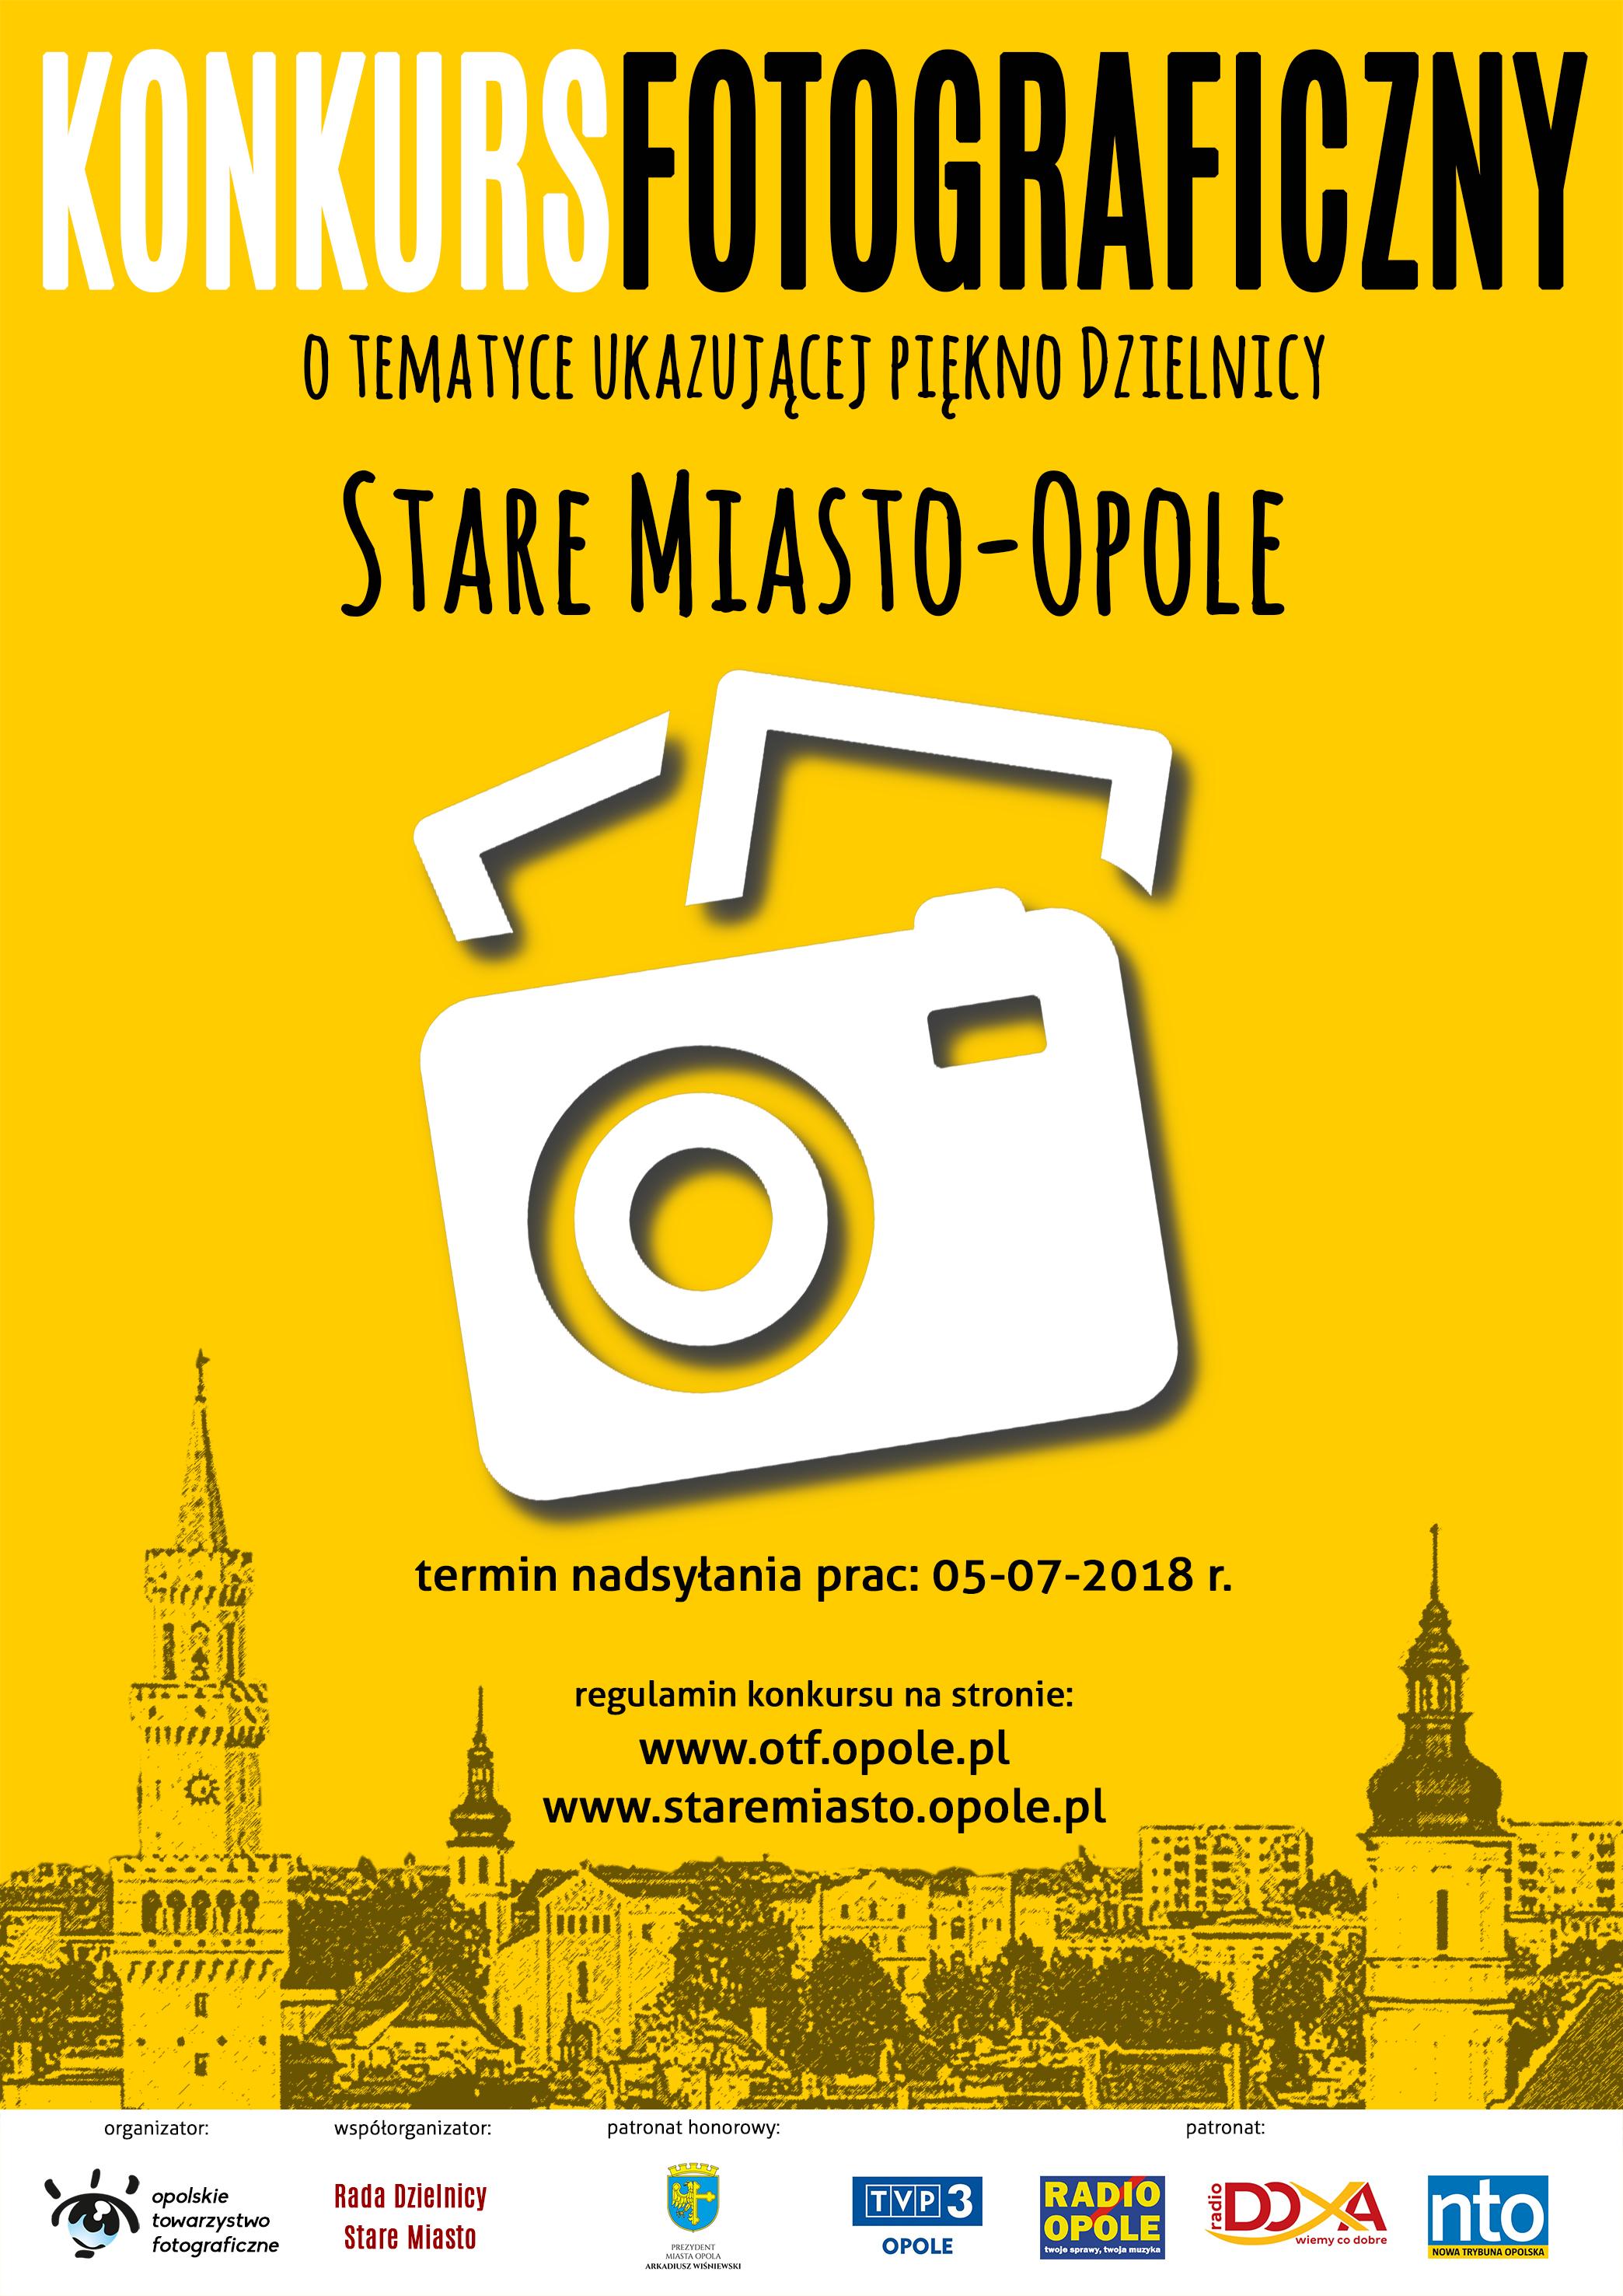 Stare Miasto-Opole czeka na zdjęcia - jeszcze do 5 lipca można wziąć udział w konkursie